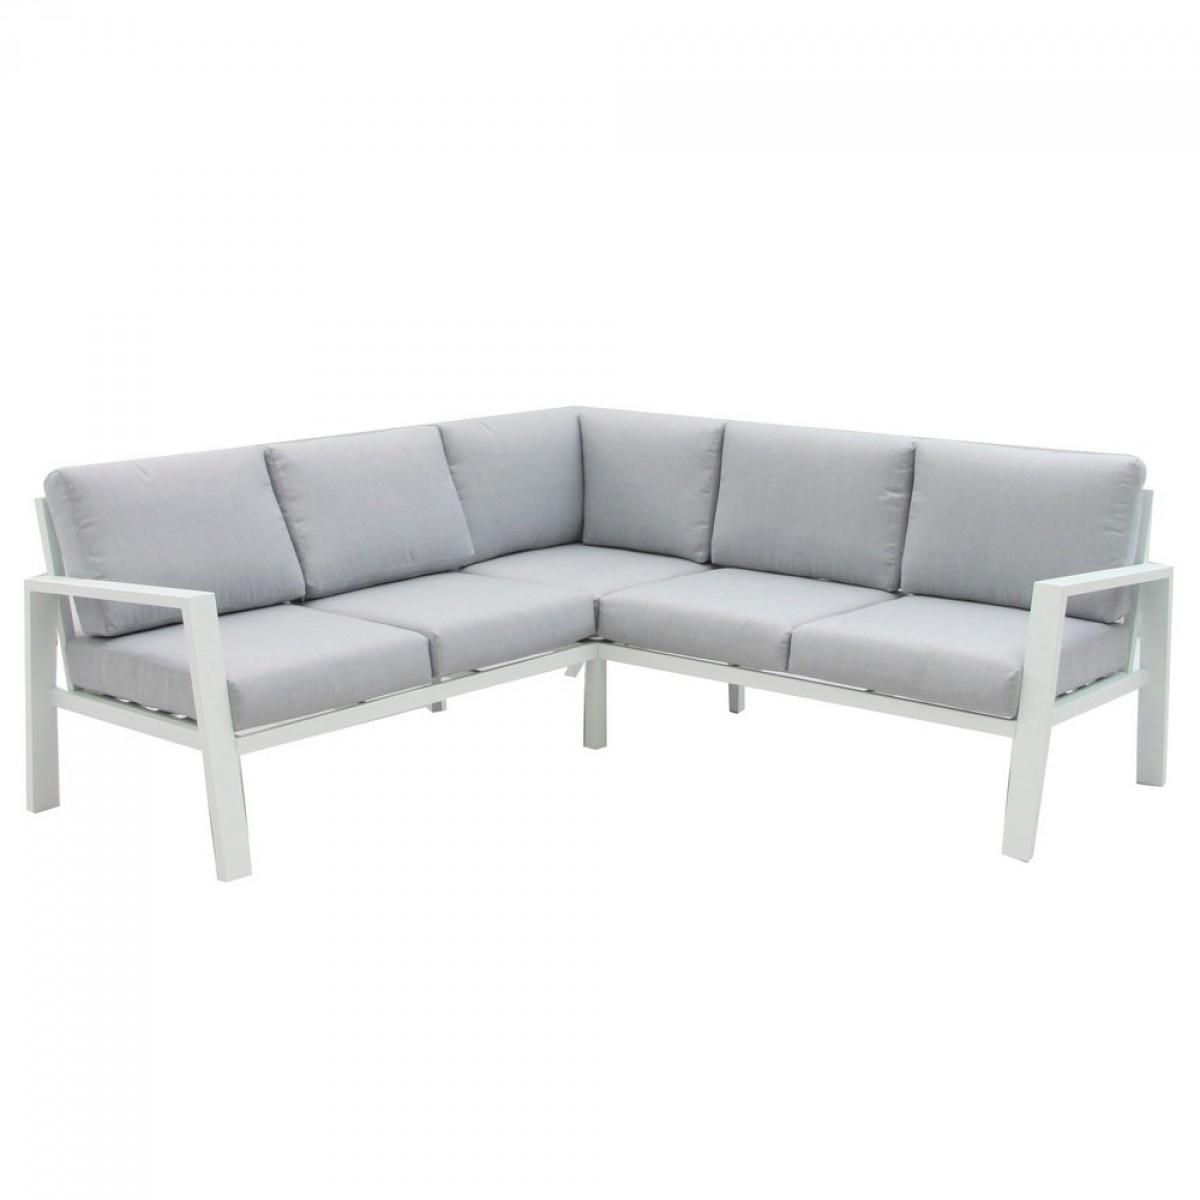 Salon De Jardin Bas Aluminium - Thais - Blanc Et Gris destiné Salon De Jardin Bas Aluminium